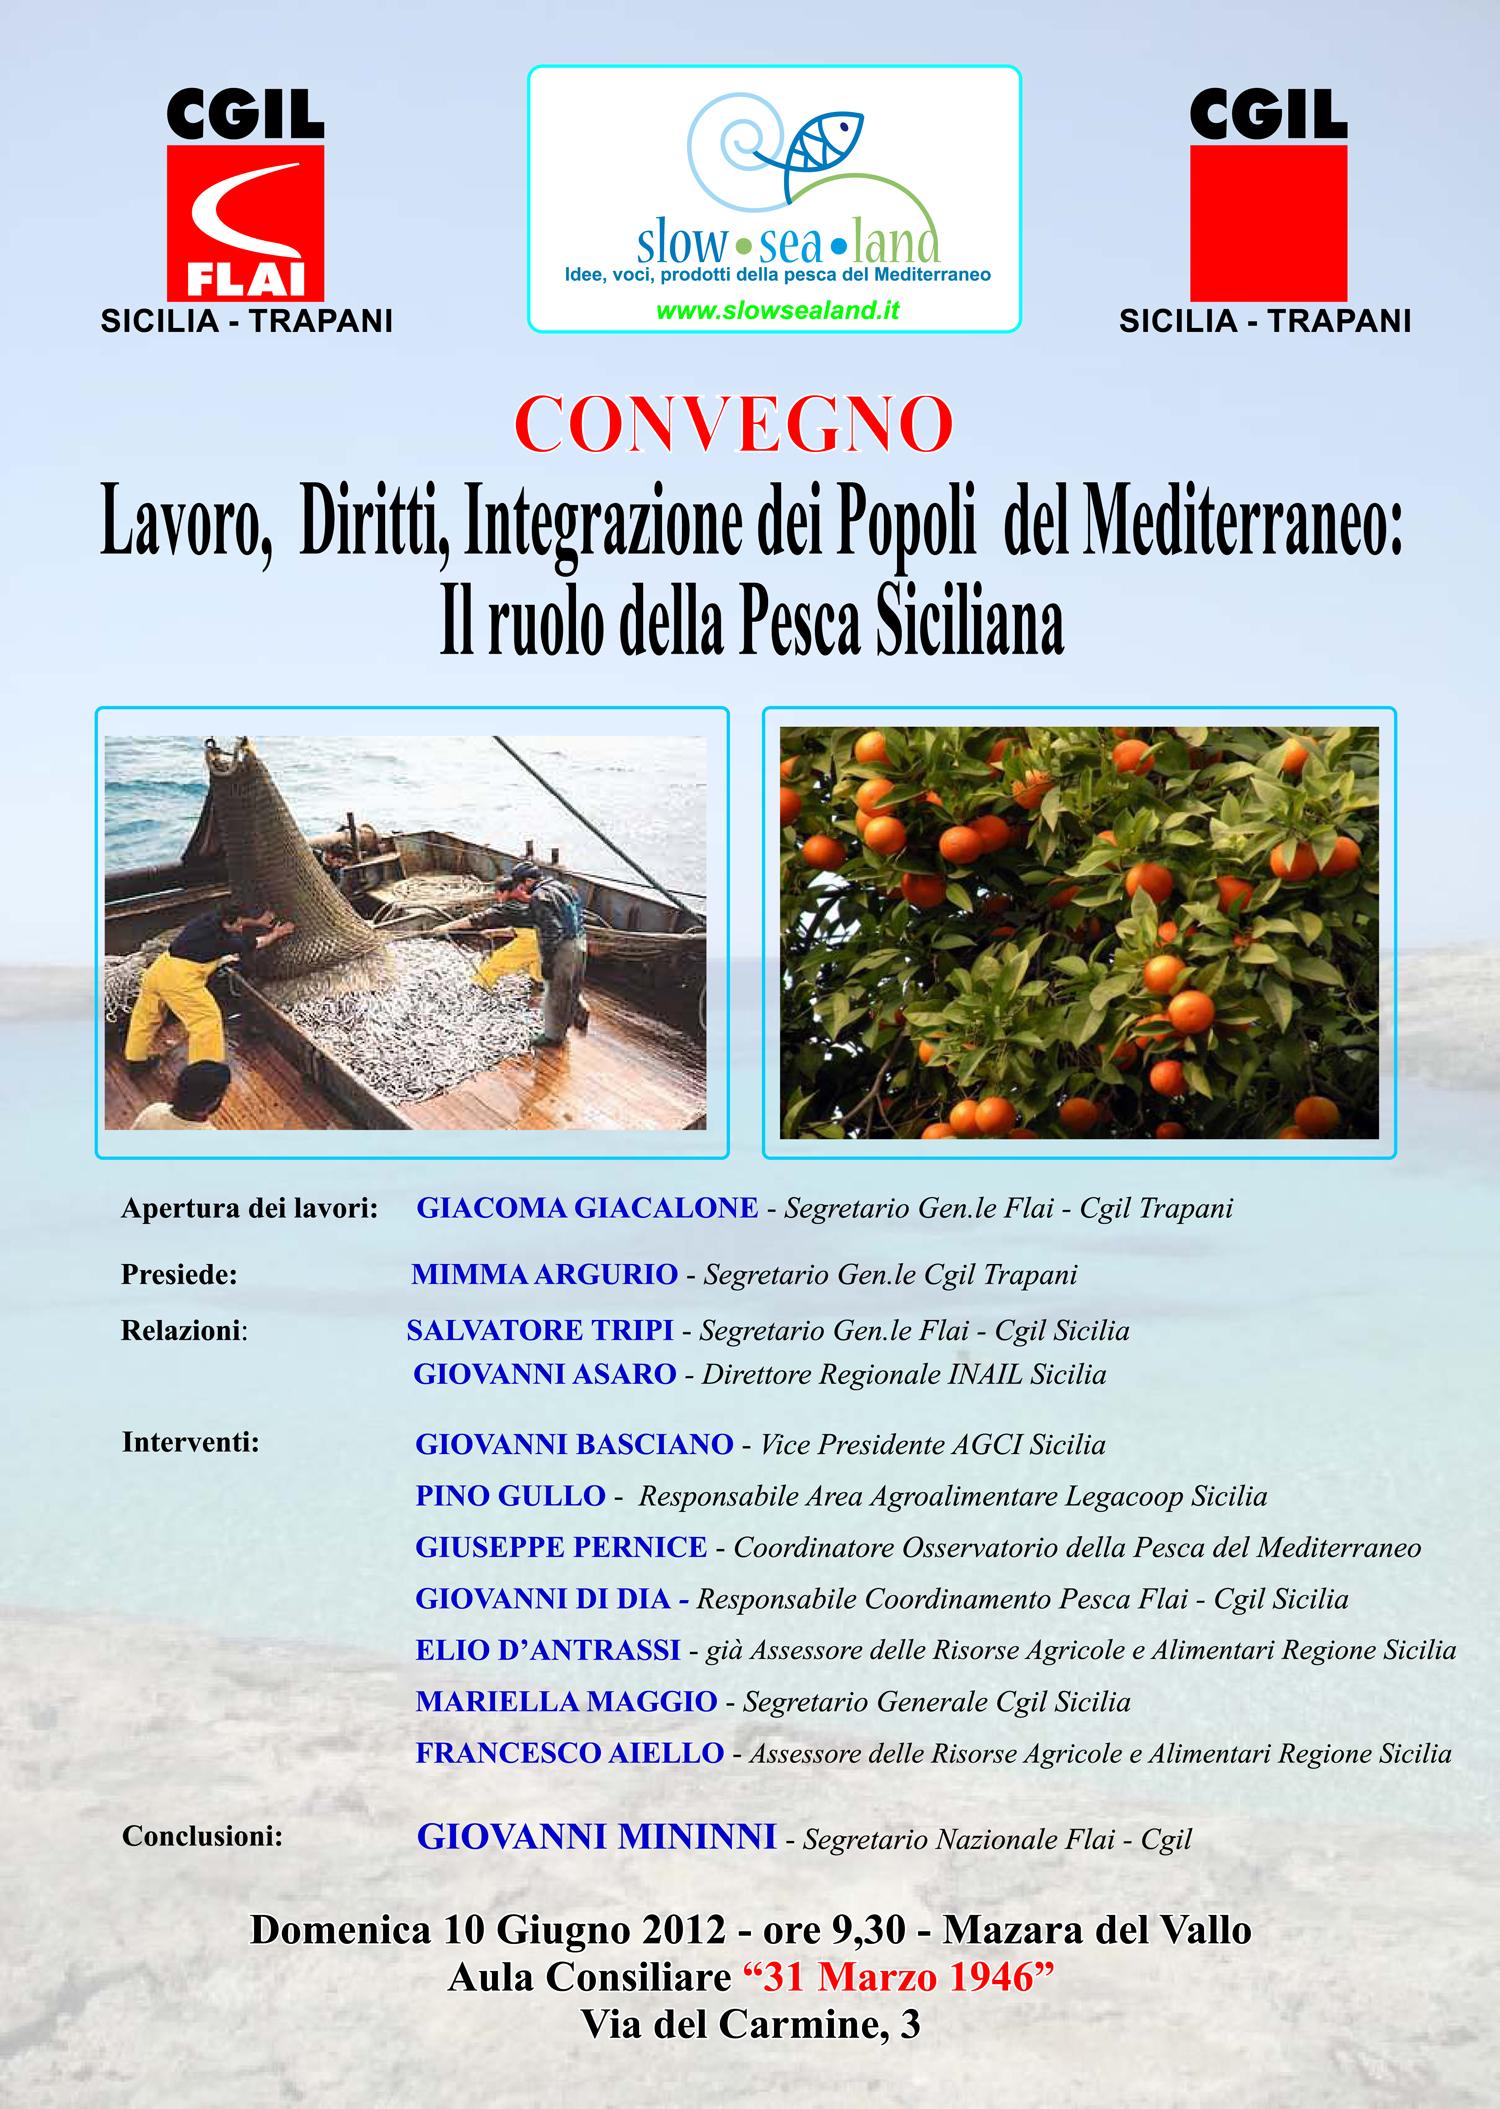 CONVEGNO. Lavoro, Diritti, Integrazione dei Popoli del Mediterraneo: Il ruolo della Pesca Siciliana